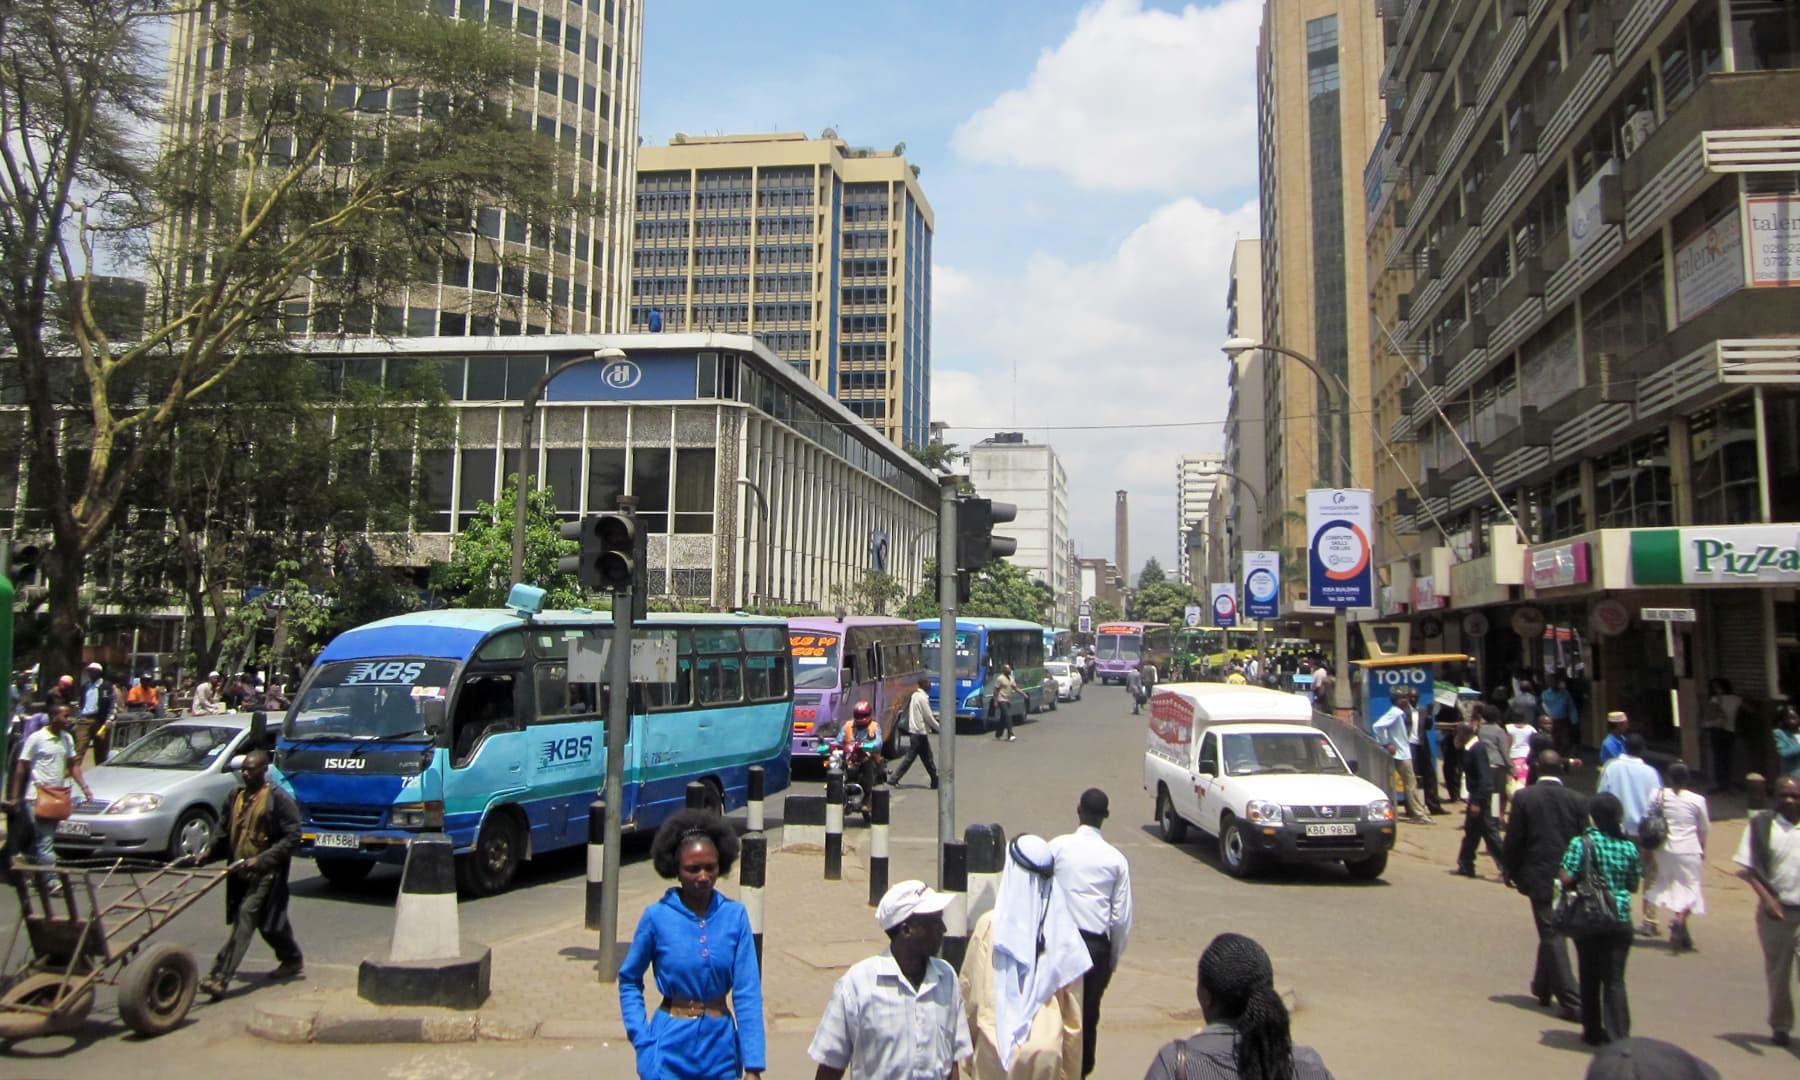 نیروبی کی مرکزی شاہراہ پر رواں دواں ٹریفک کا منظر— فوٹو عظمت اکبر